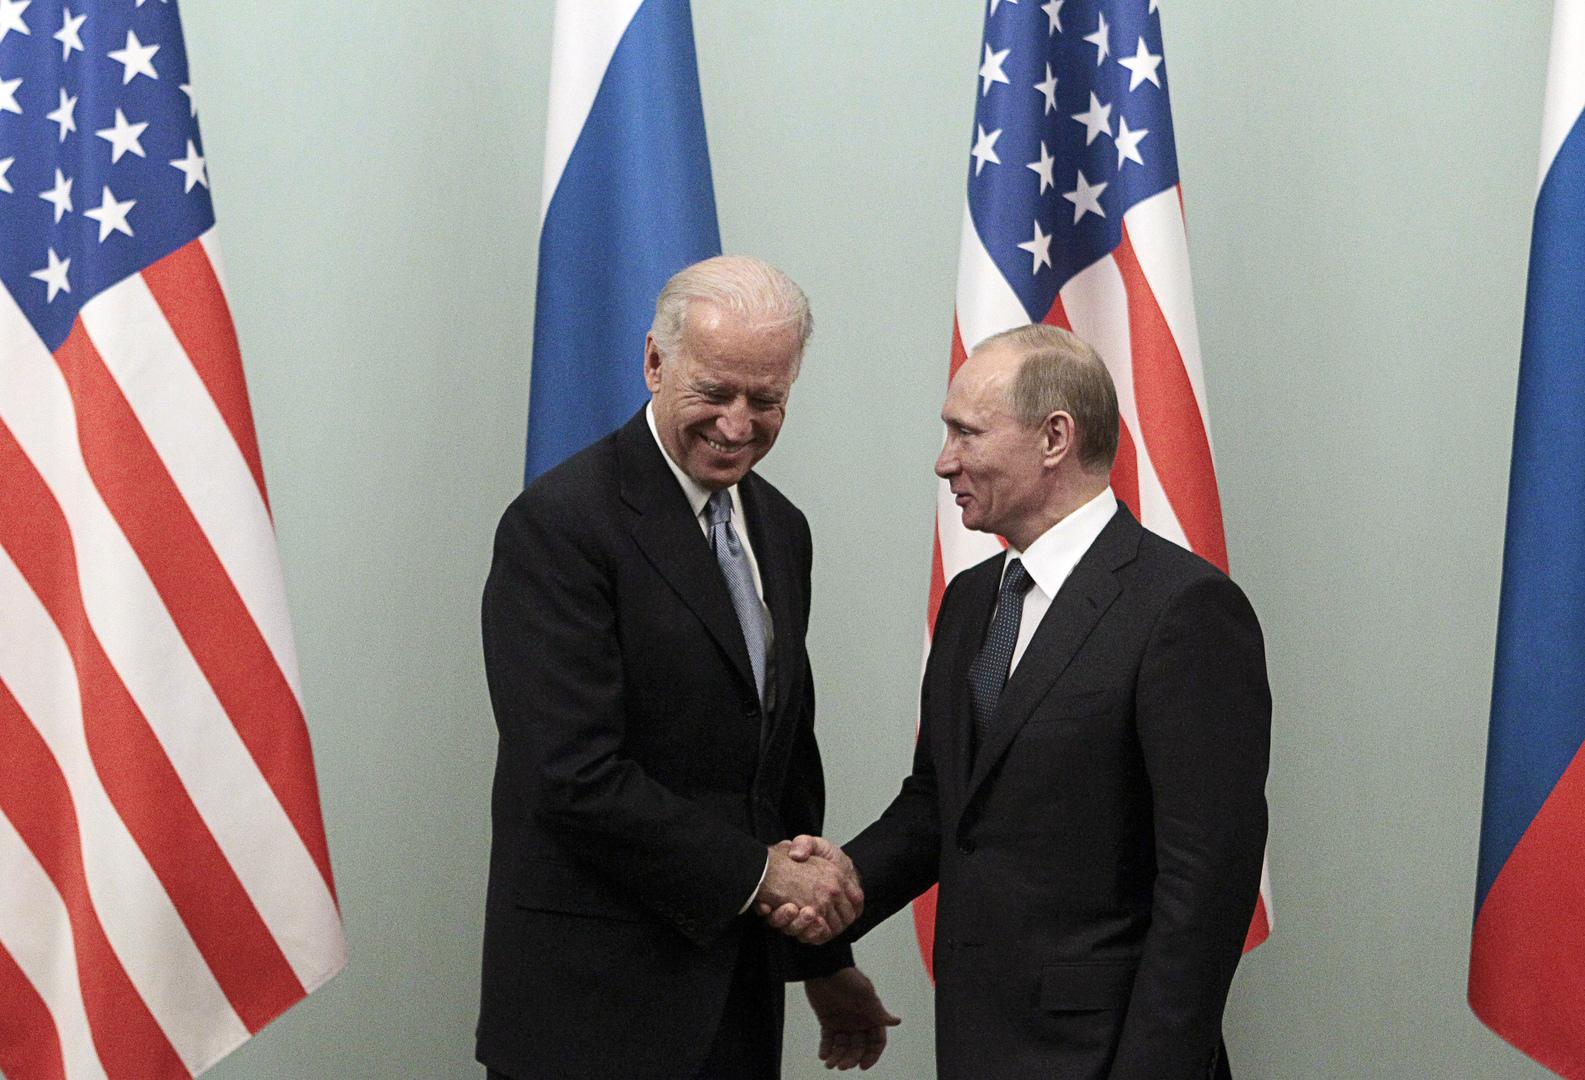 خبير أمريكي ينصح الإدارة الجديدة بقيادة بايدن بإعادة التفكير في العلاقة مع روسيا